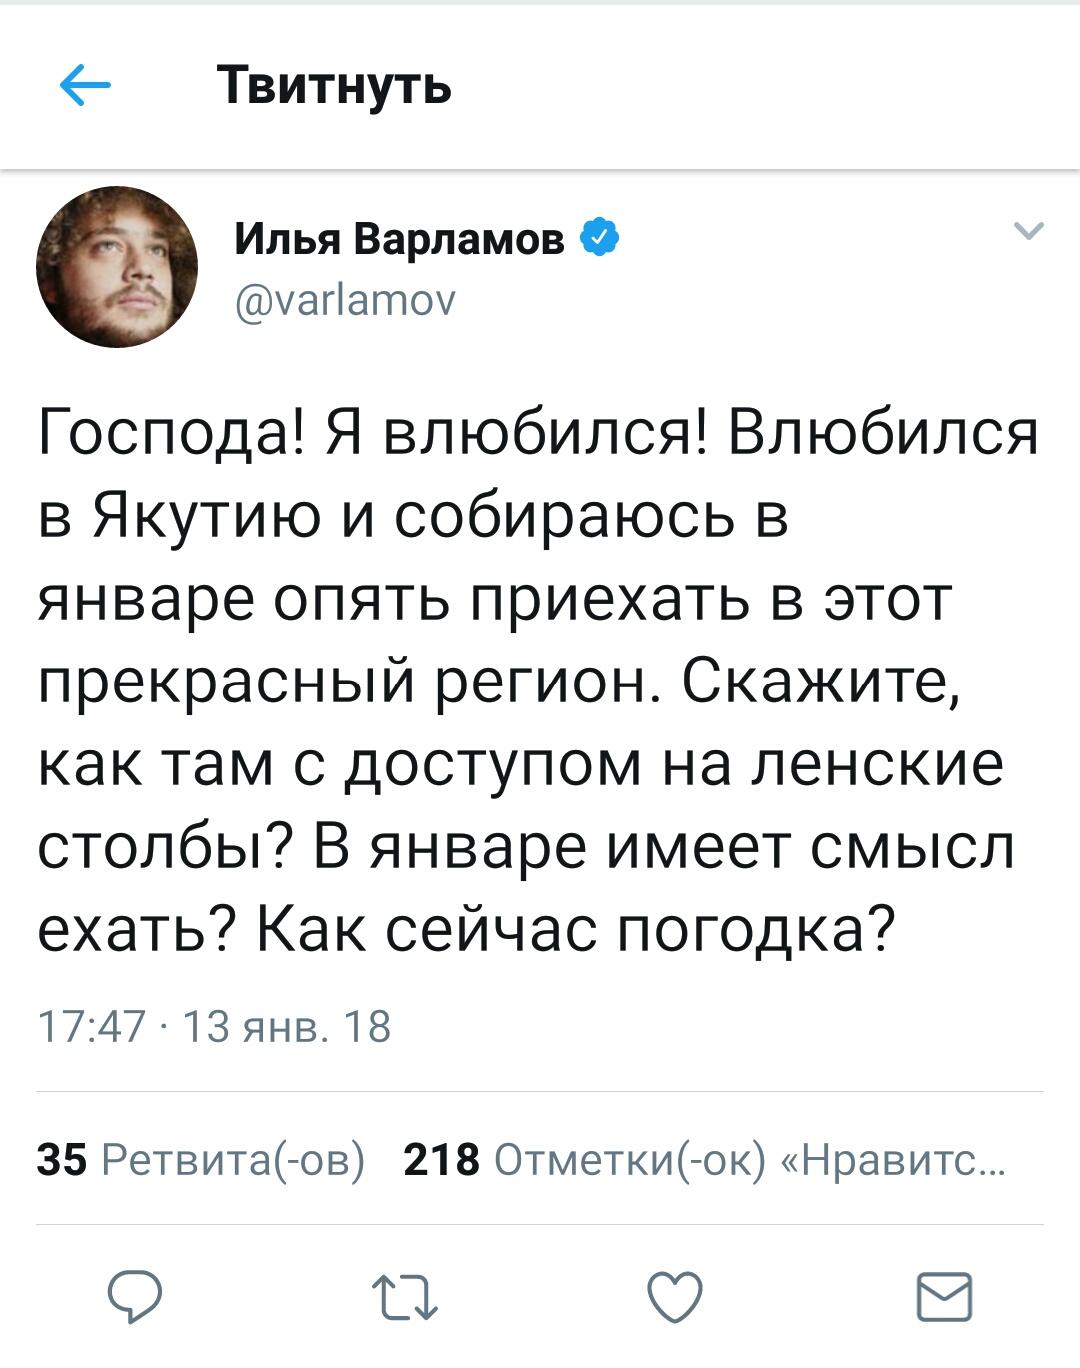 S80114-09590000 Известный блогер Илья Варламов намерен снова приехать в Якутию